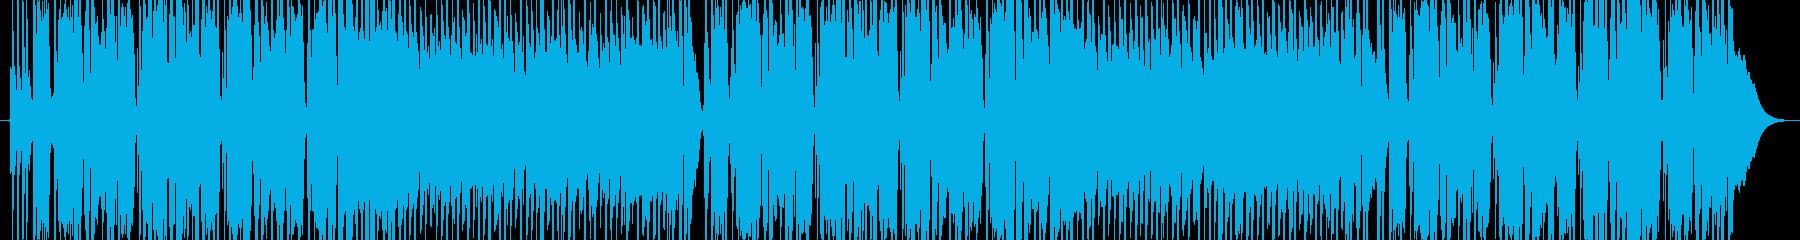 重くてゆったりとしたファンクロックの再生済みの波形